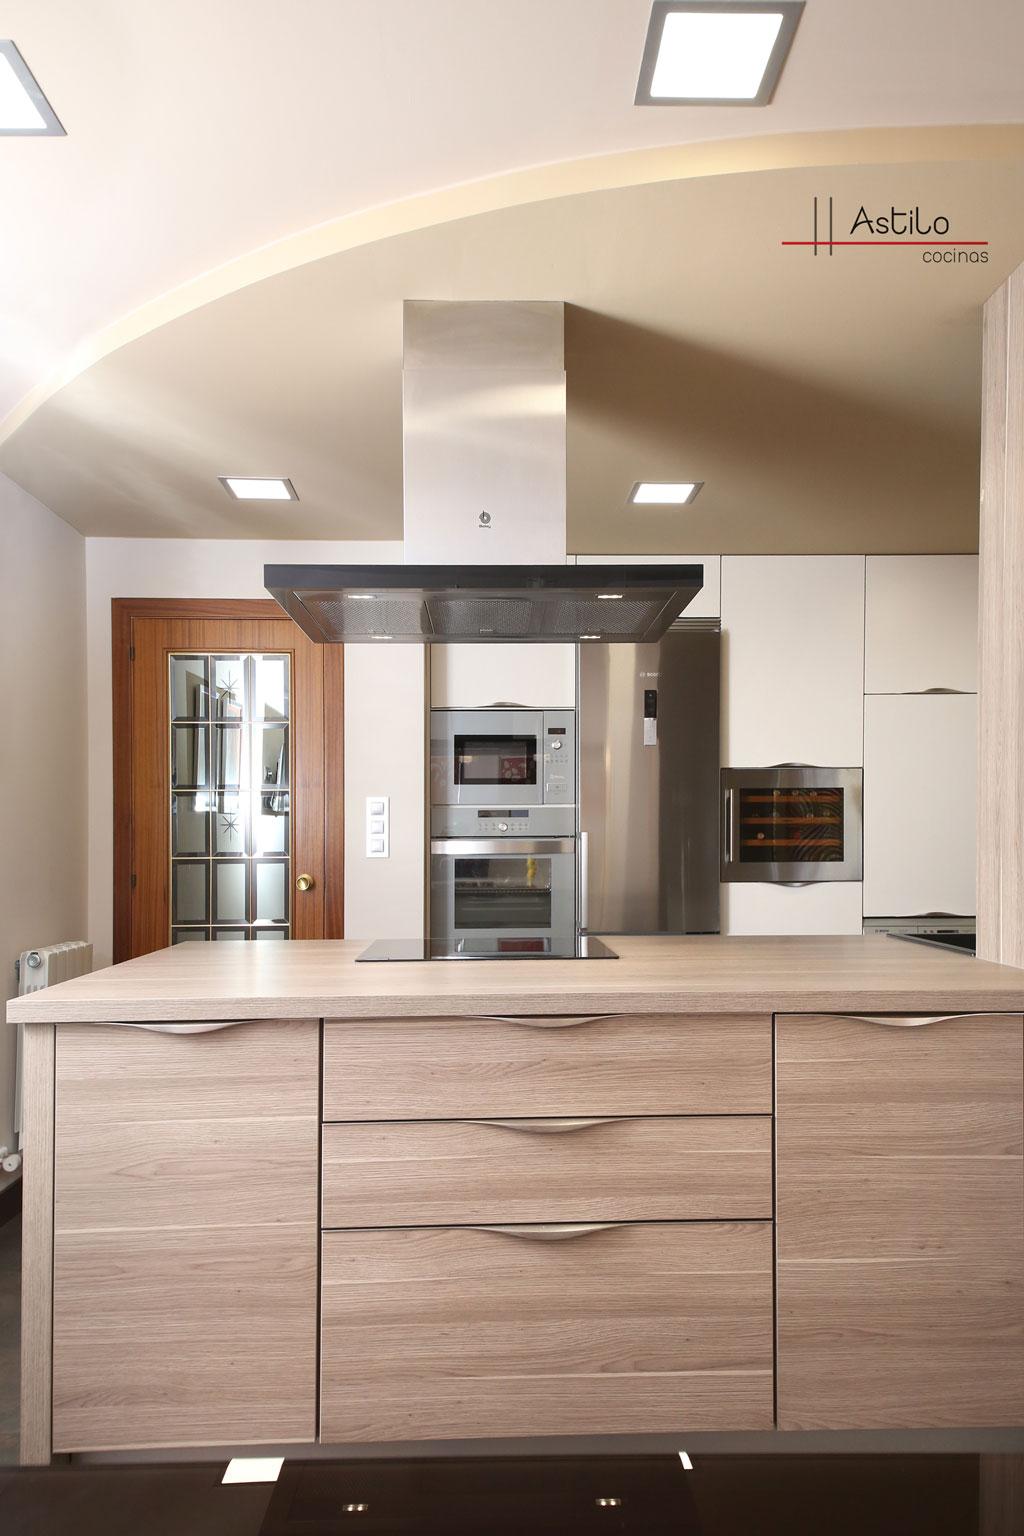 Reforma y amueblamiento de cocina cocinas zaragoza - Amueblamiento de cocinas ...